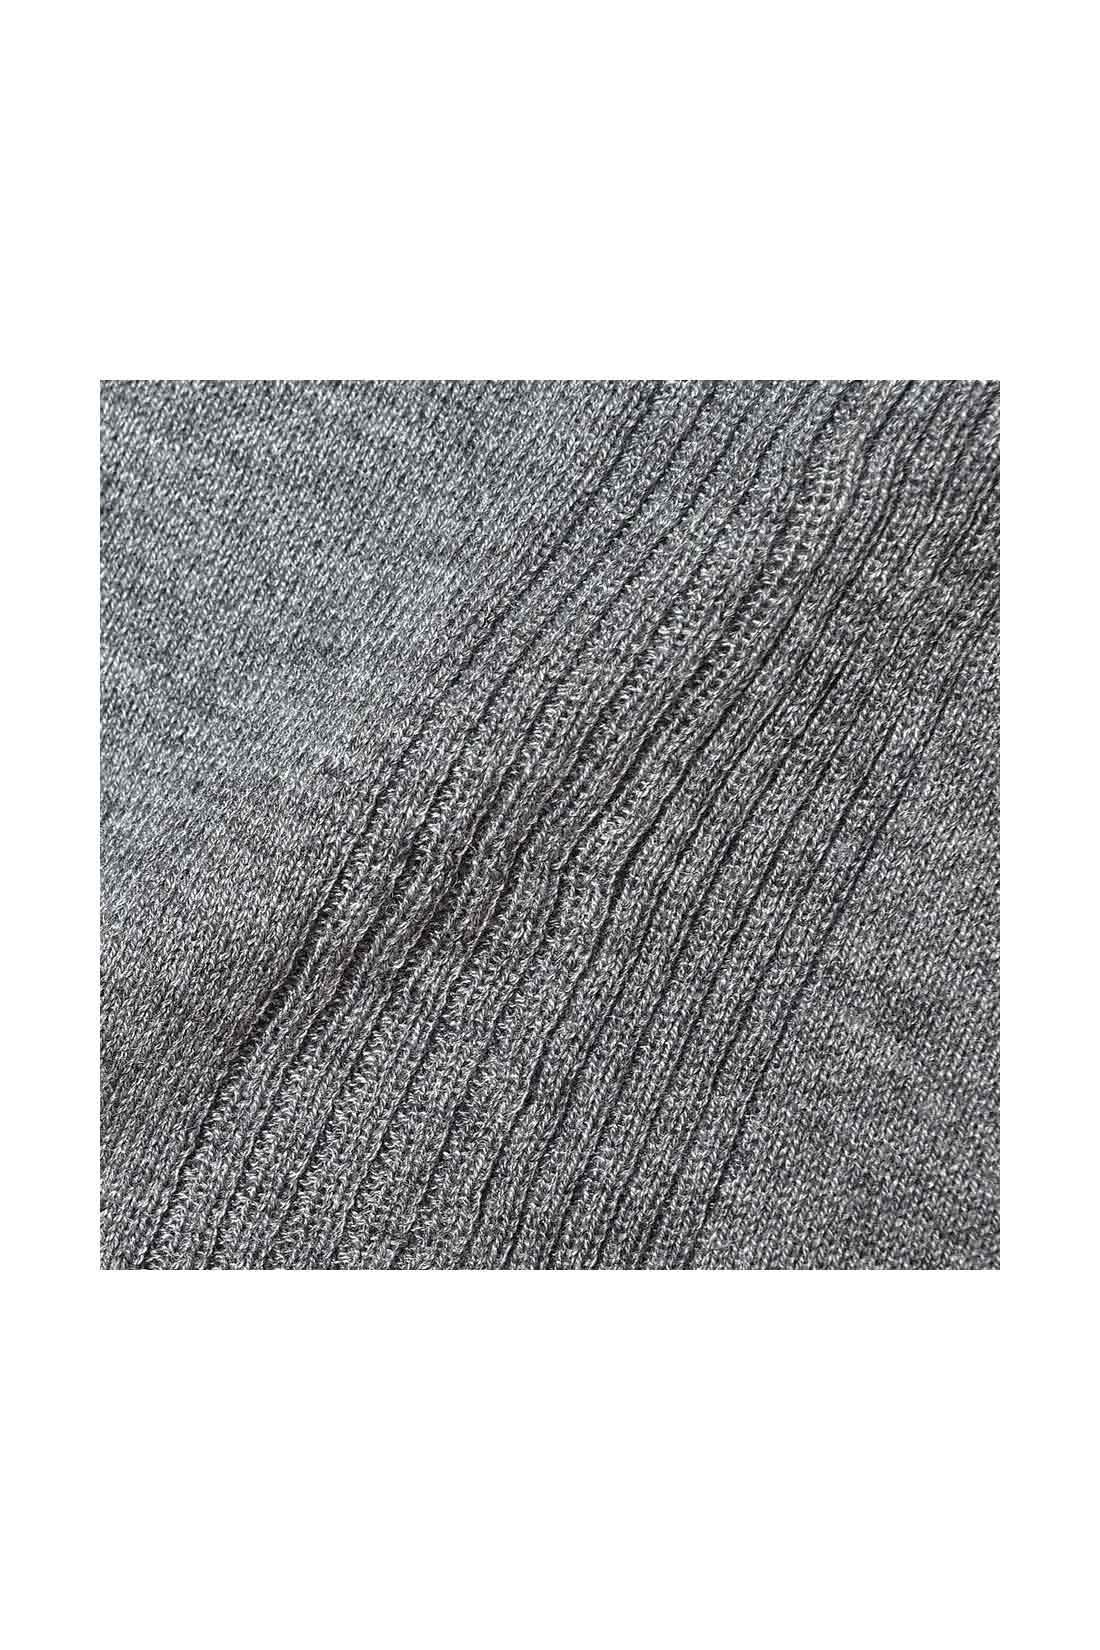 てろやかな落ち感のある上品な素材。ほどよい光沢感とカシミアタッチの肌ざわりが上質な印象です。